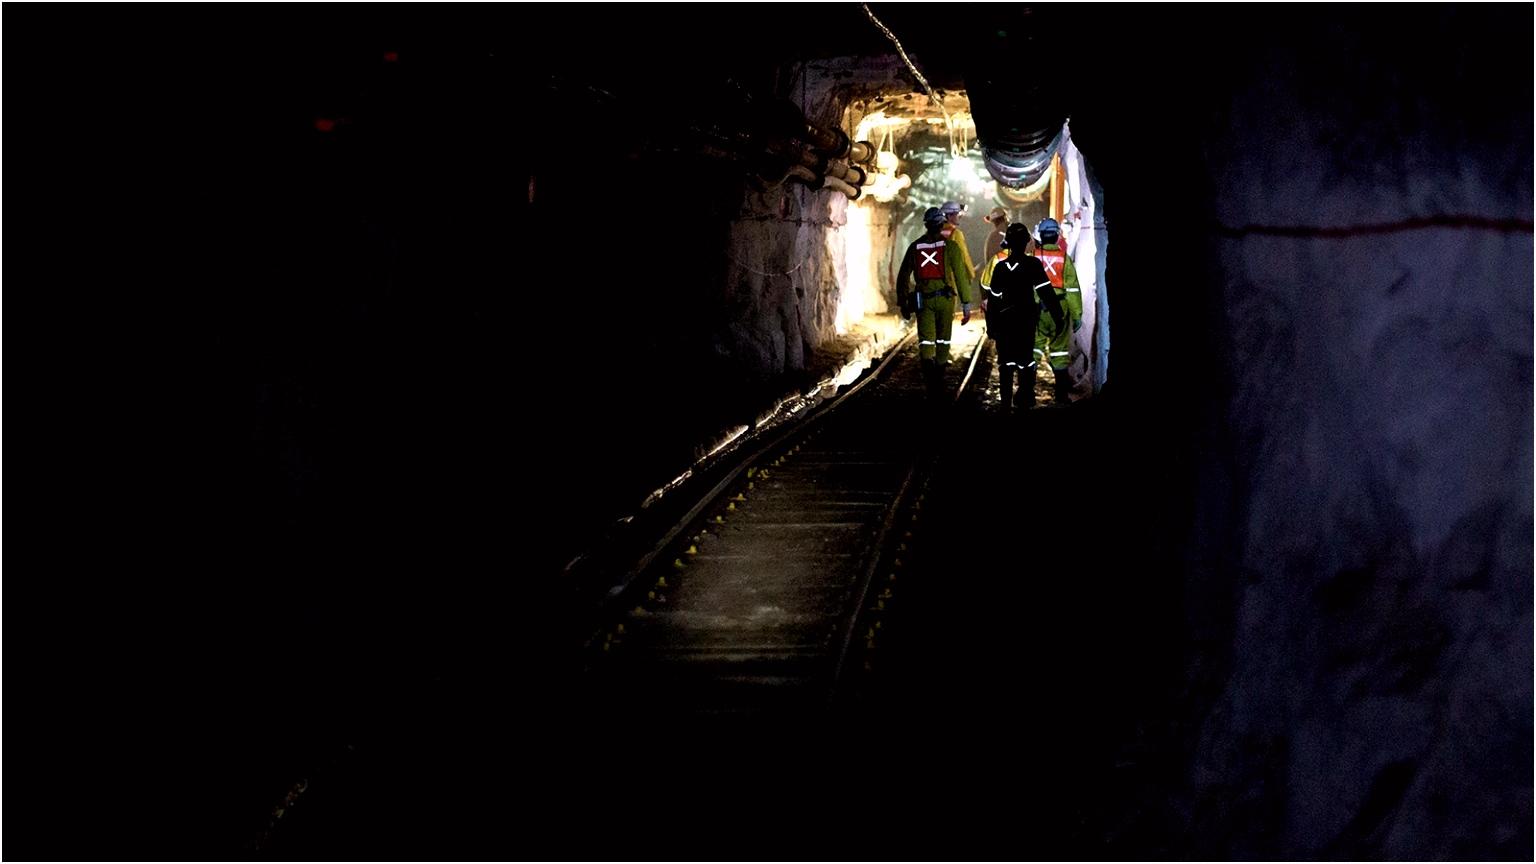 Xl Kleurplaat.nl Pwc Swaziland D5ya24thr8 V4dkv0zuo6